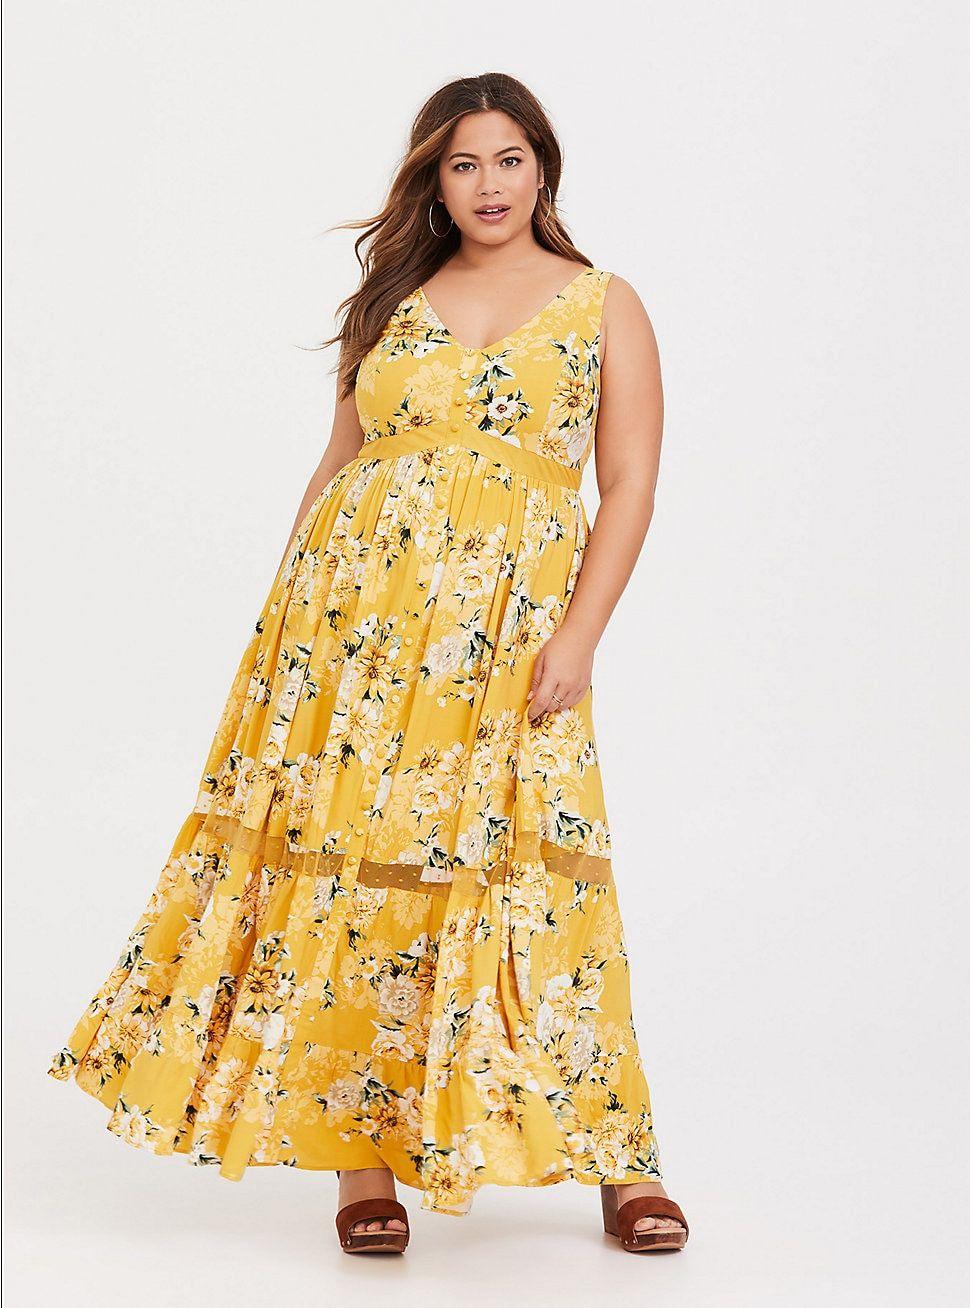 0da73ae98e34 Yellow Floral Challis Maxi Dress, PLETHORA FLORAL Plus Size Women, Torrid,  Tall Women